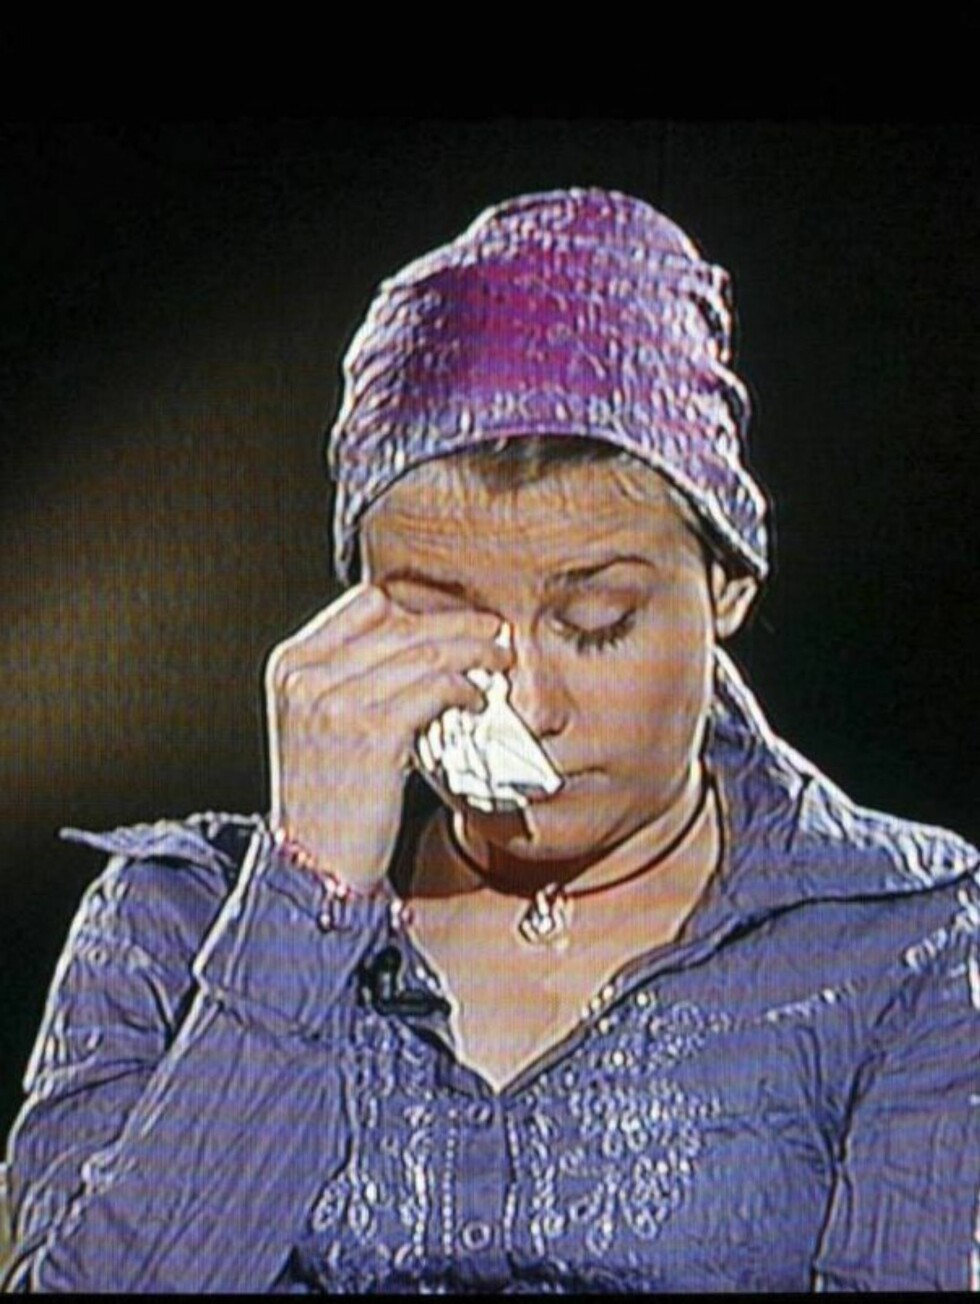 ISOLERT: Natascha var fanget i en kjeller i åtte år. Foto: ORF